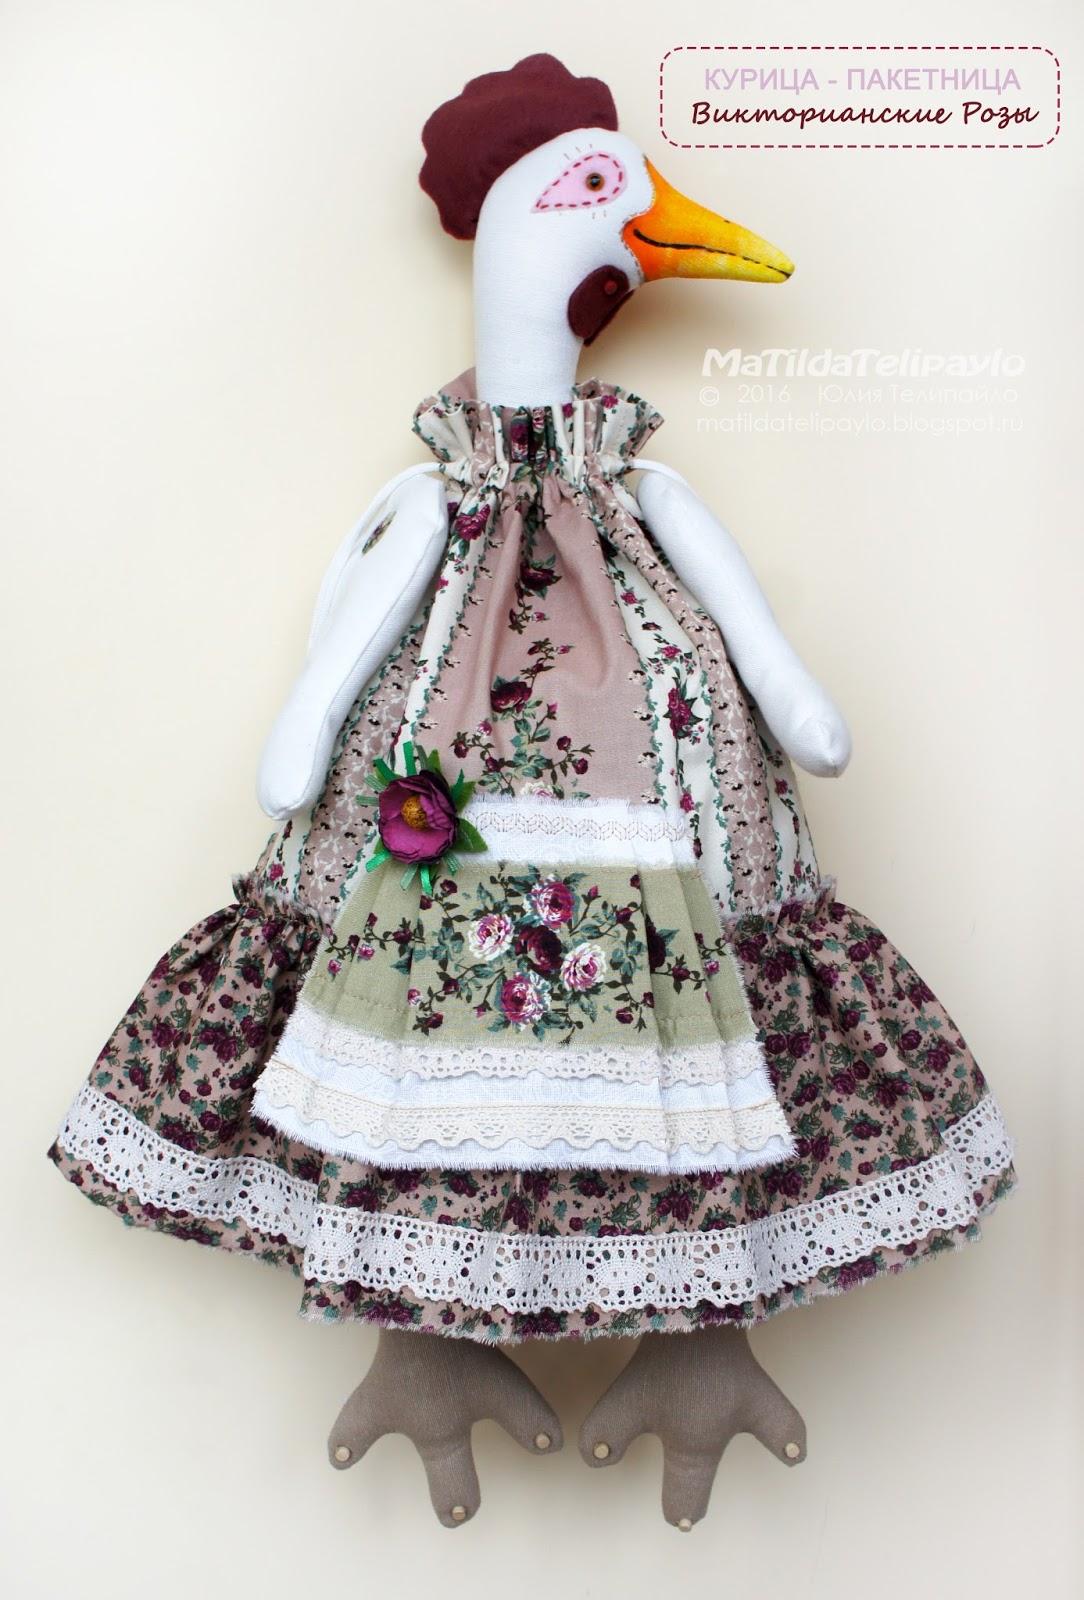 Кукла пакетница сделать своими руками